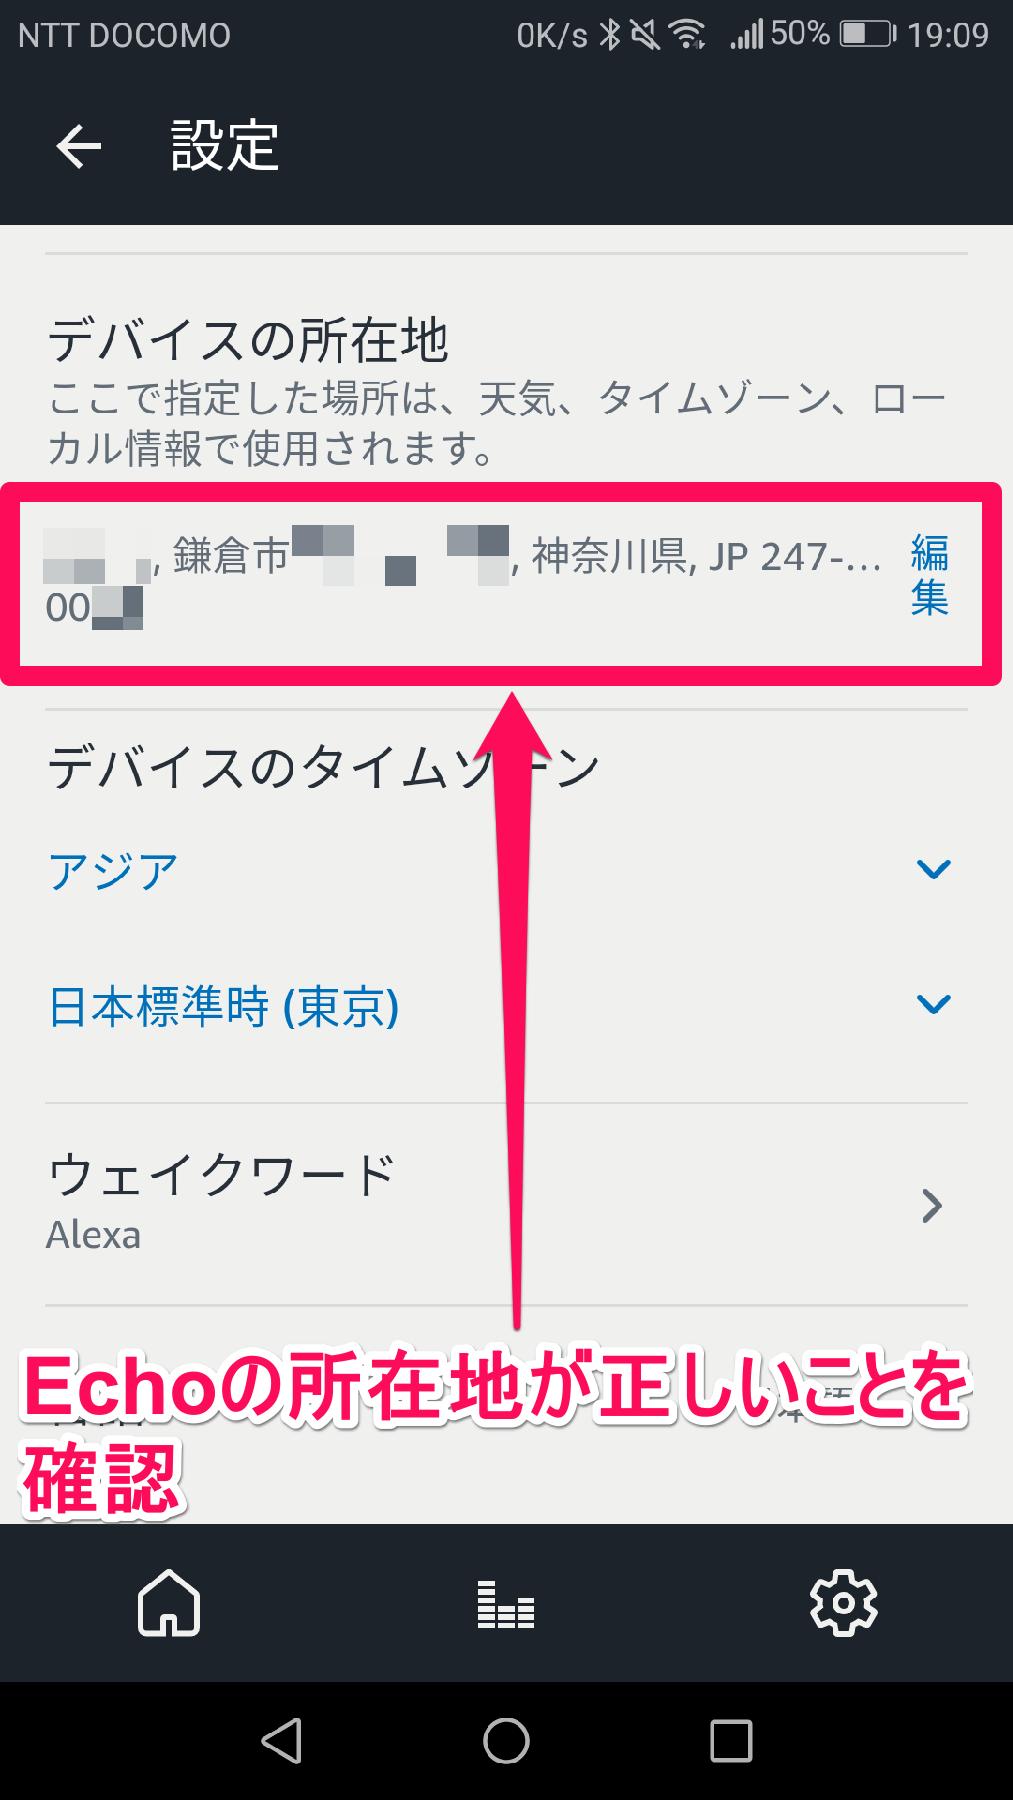 アマゾンアレクサ(Amazon Alexa)アプリの[デバイスの所在地]画面(住所変更後)